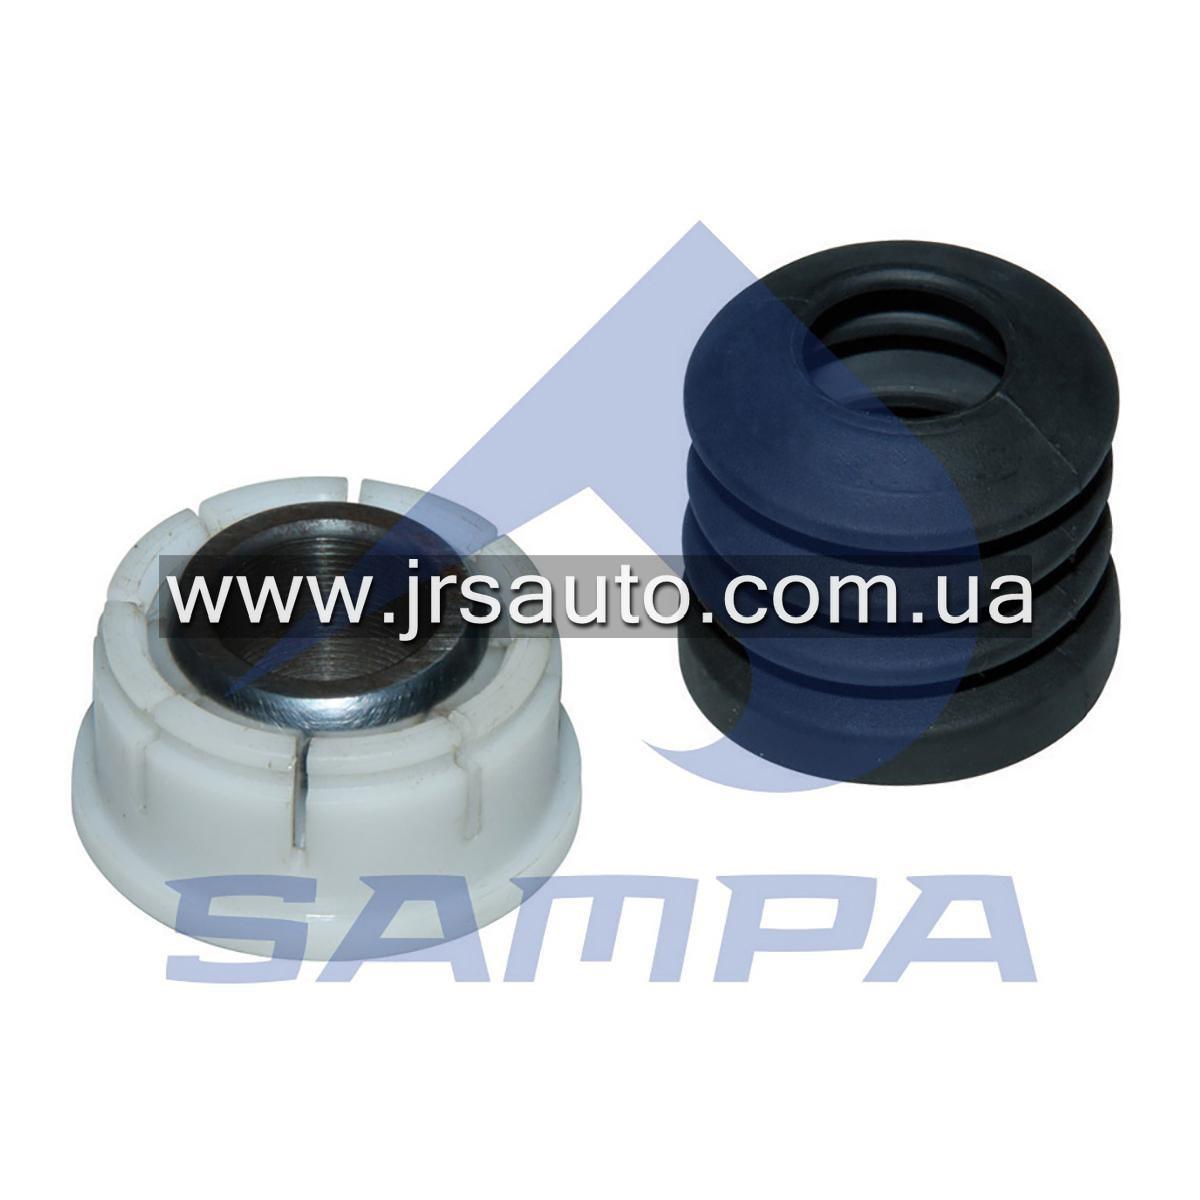 Ремкомплект тяги КПП DAF 21.5x47x28 \1391518 \ 050.528